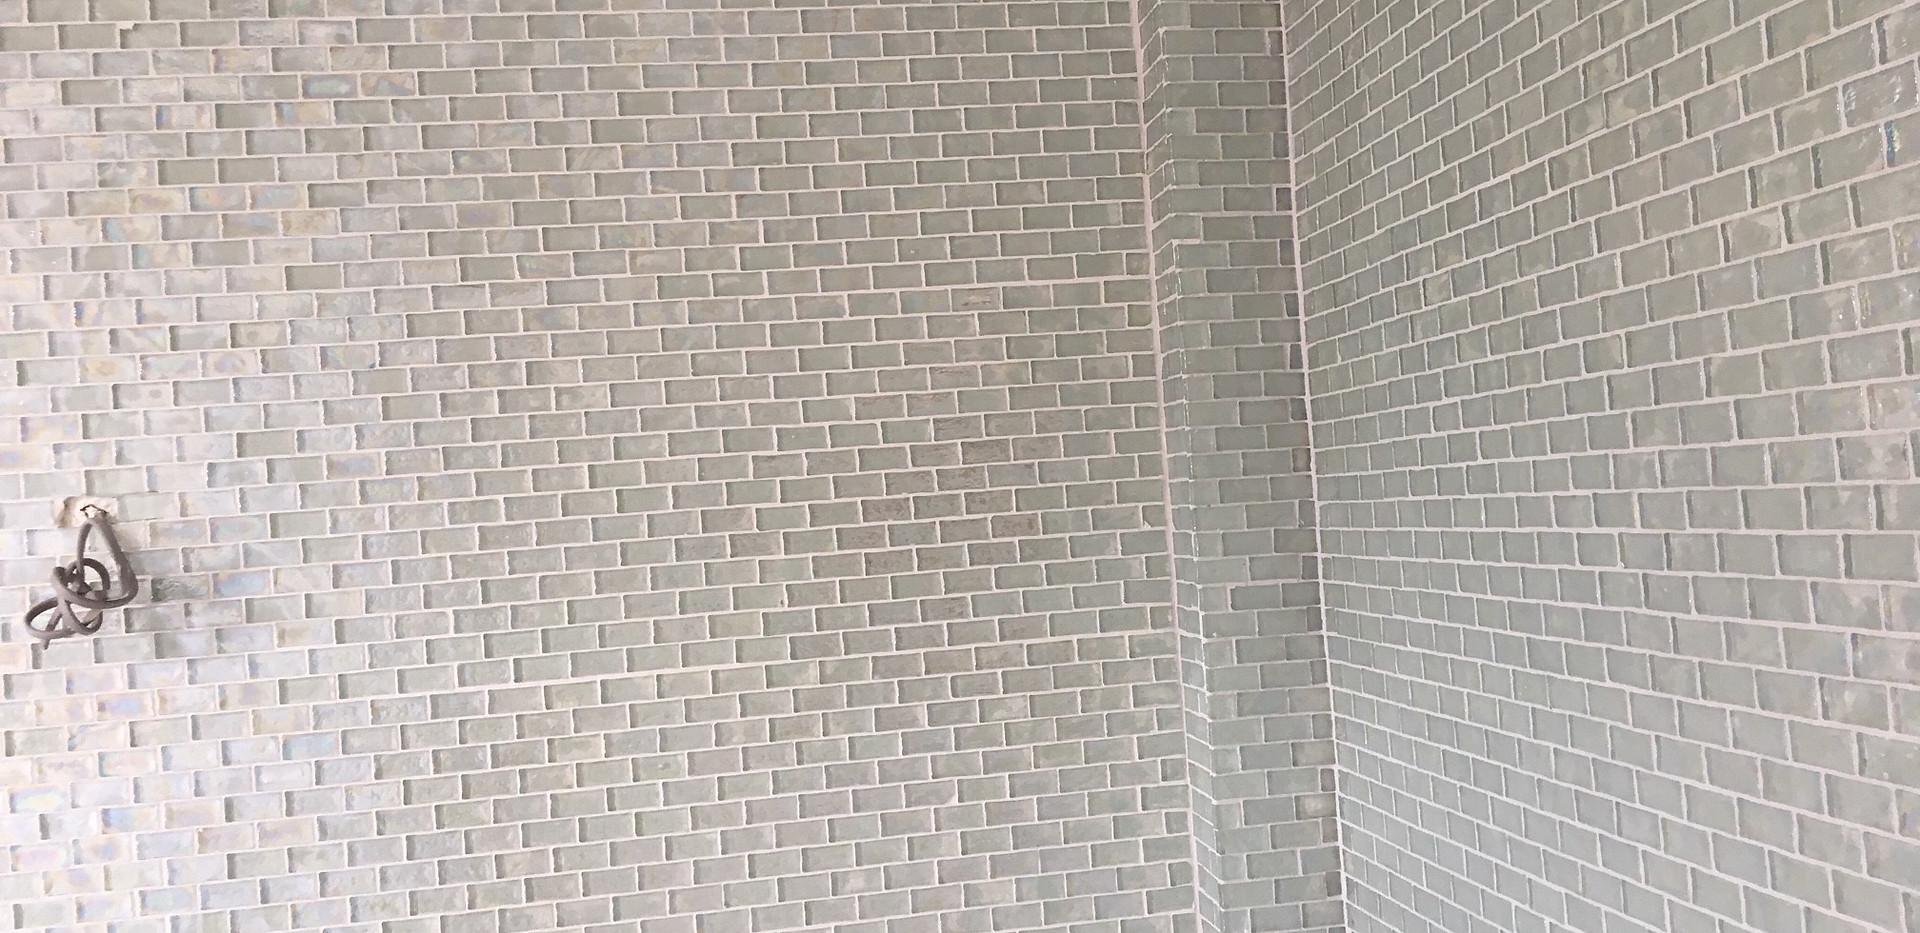 Tiling close up